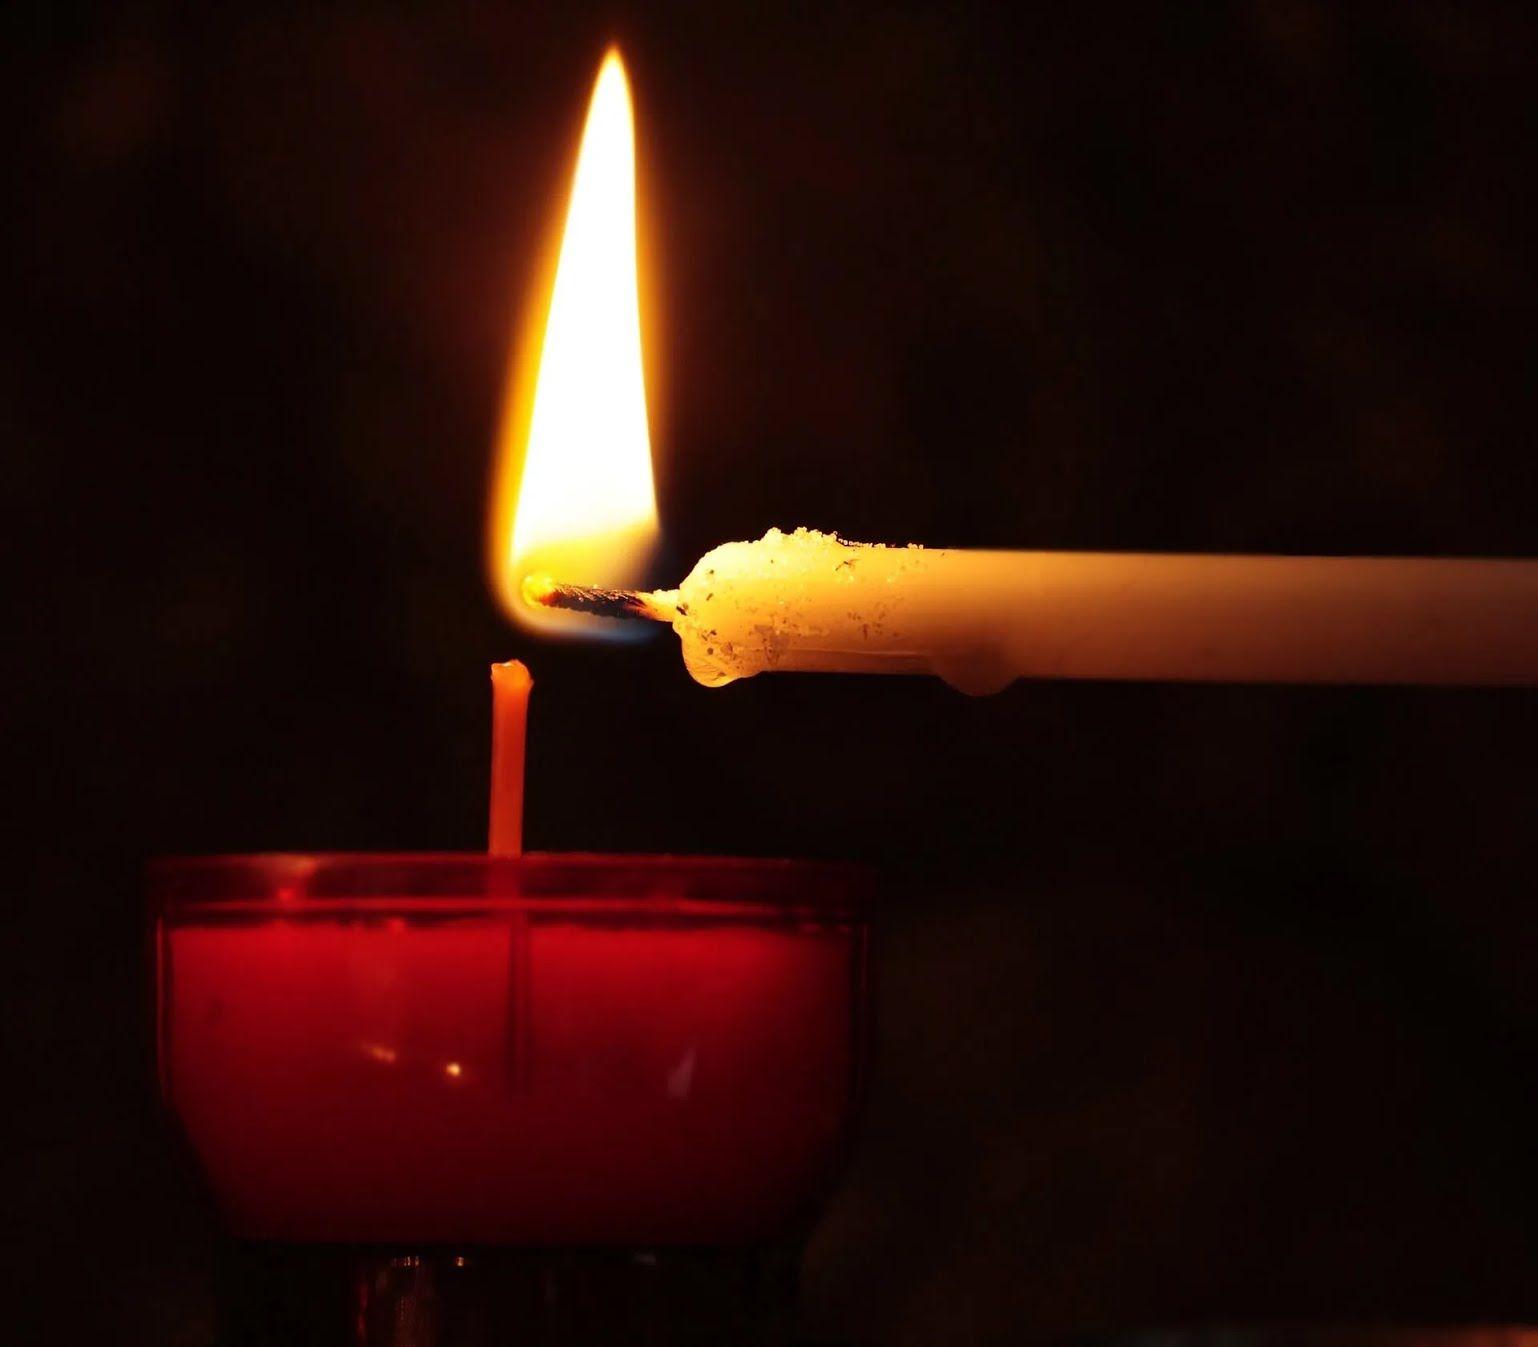 Вважається, що в Михайлове чудо молитви мають особливу силу